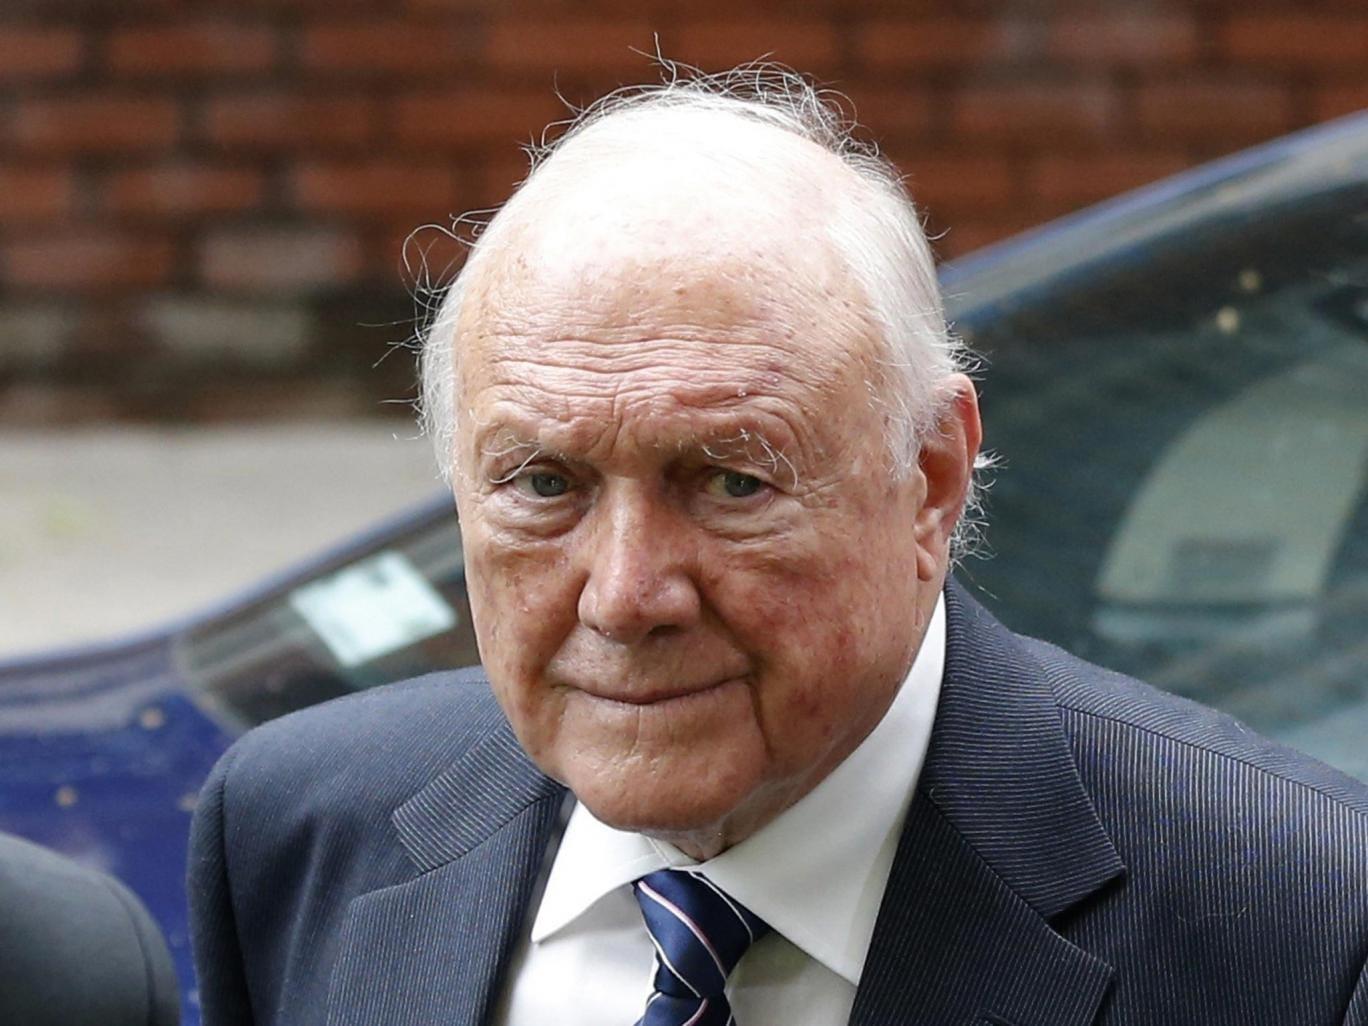 Former broadcaster Stuart Hall